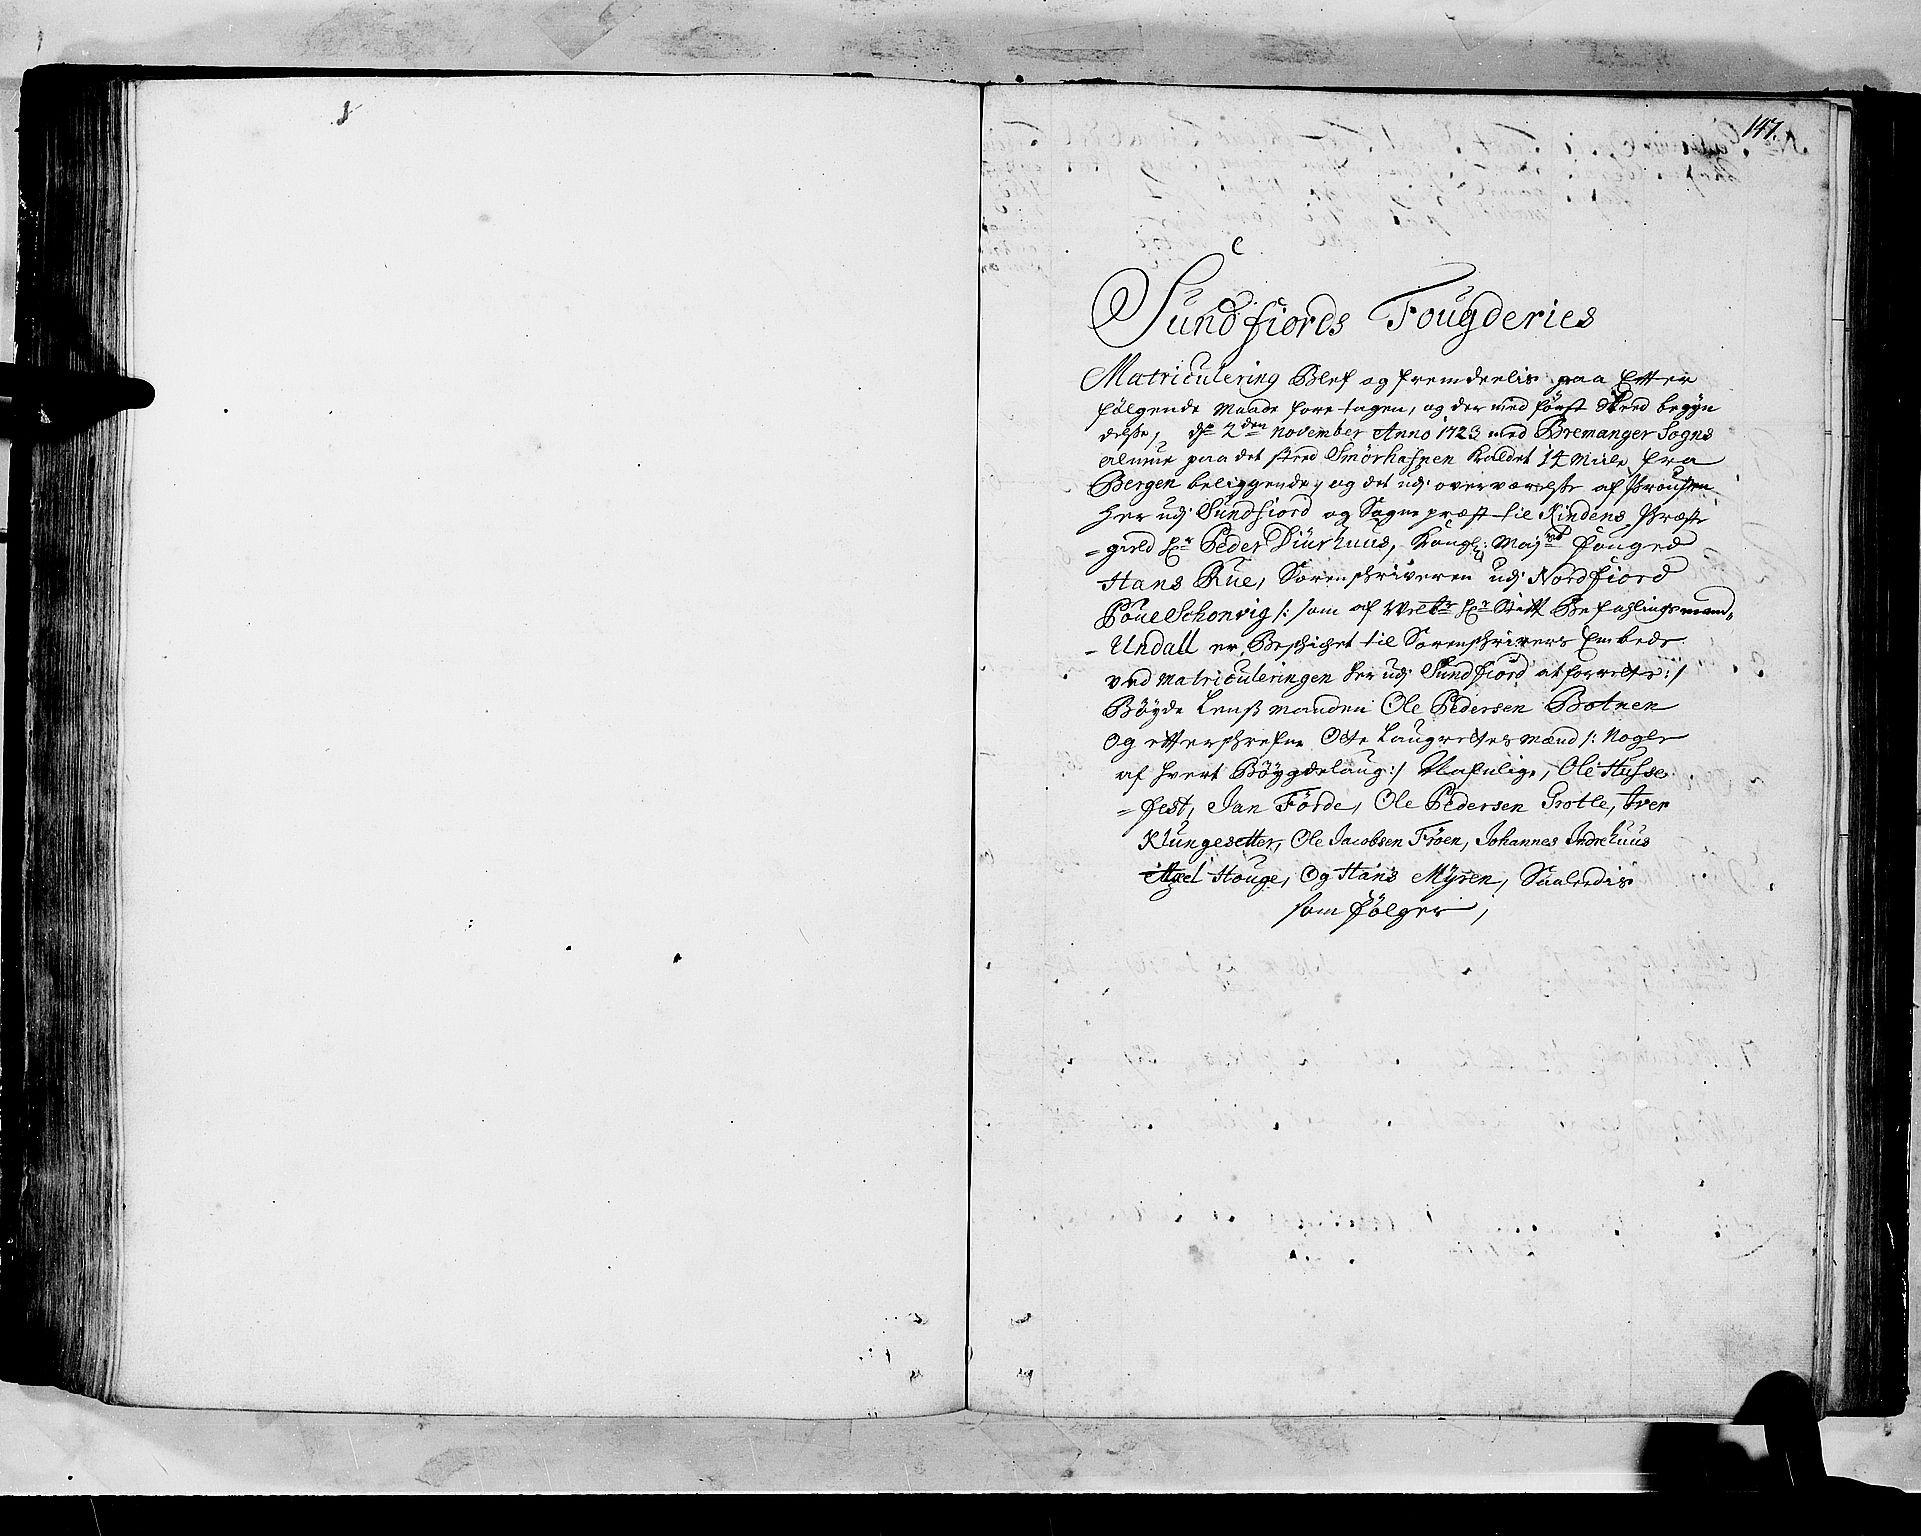 RA, Rentekammeret inntil 1814, Realistisk ordnet avdeling, N/Nb/Nbf/L0147: Sunnfjord og Nordfjord matrikkelprotokoll, 1723, s. 146b-147a